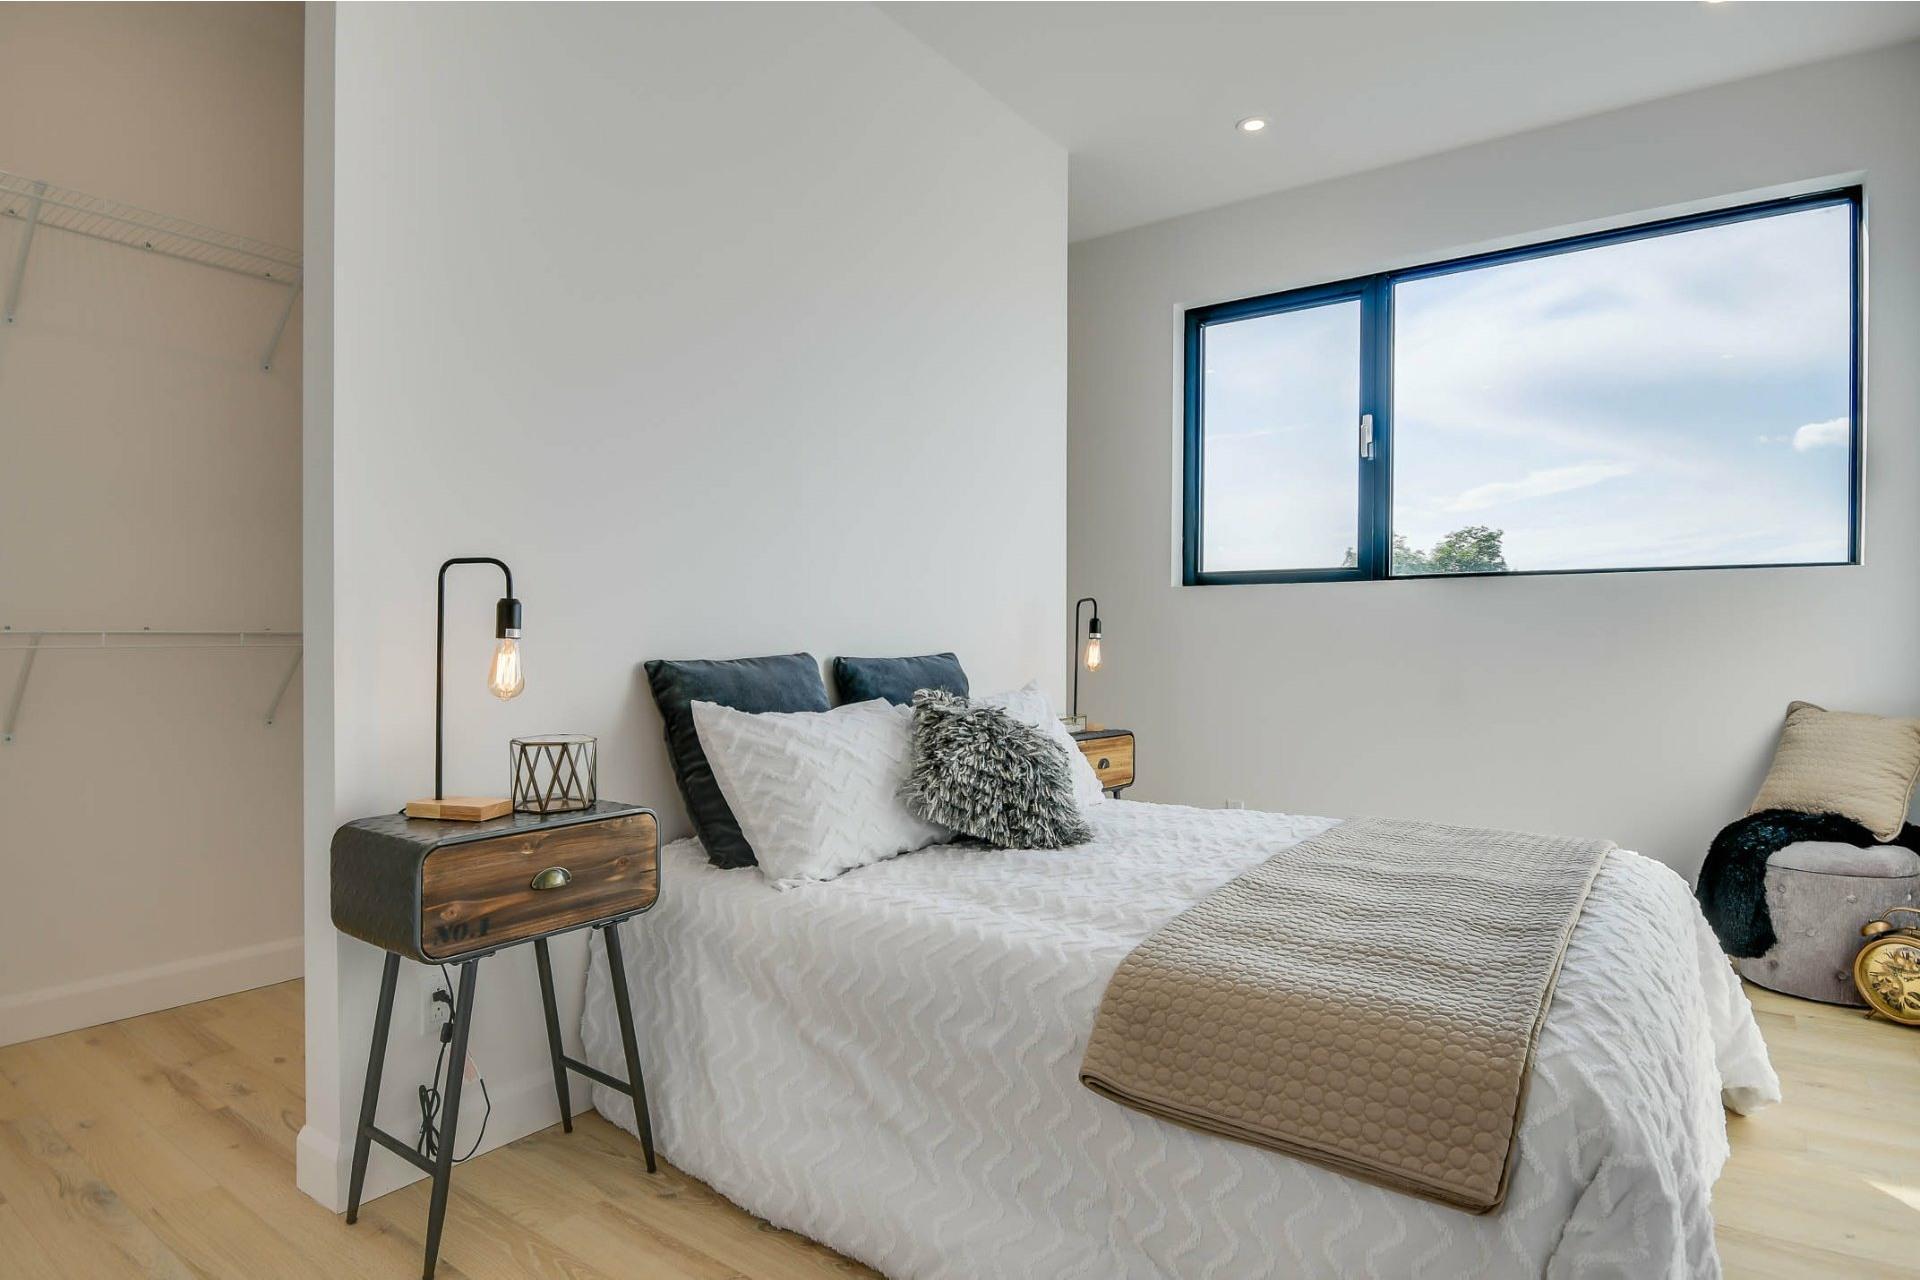 image 2 - Apartment For sale Villeray/Saint-Michel/Parc-Extension Montréal  - 7 rooms